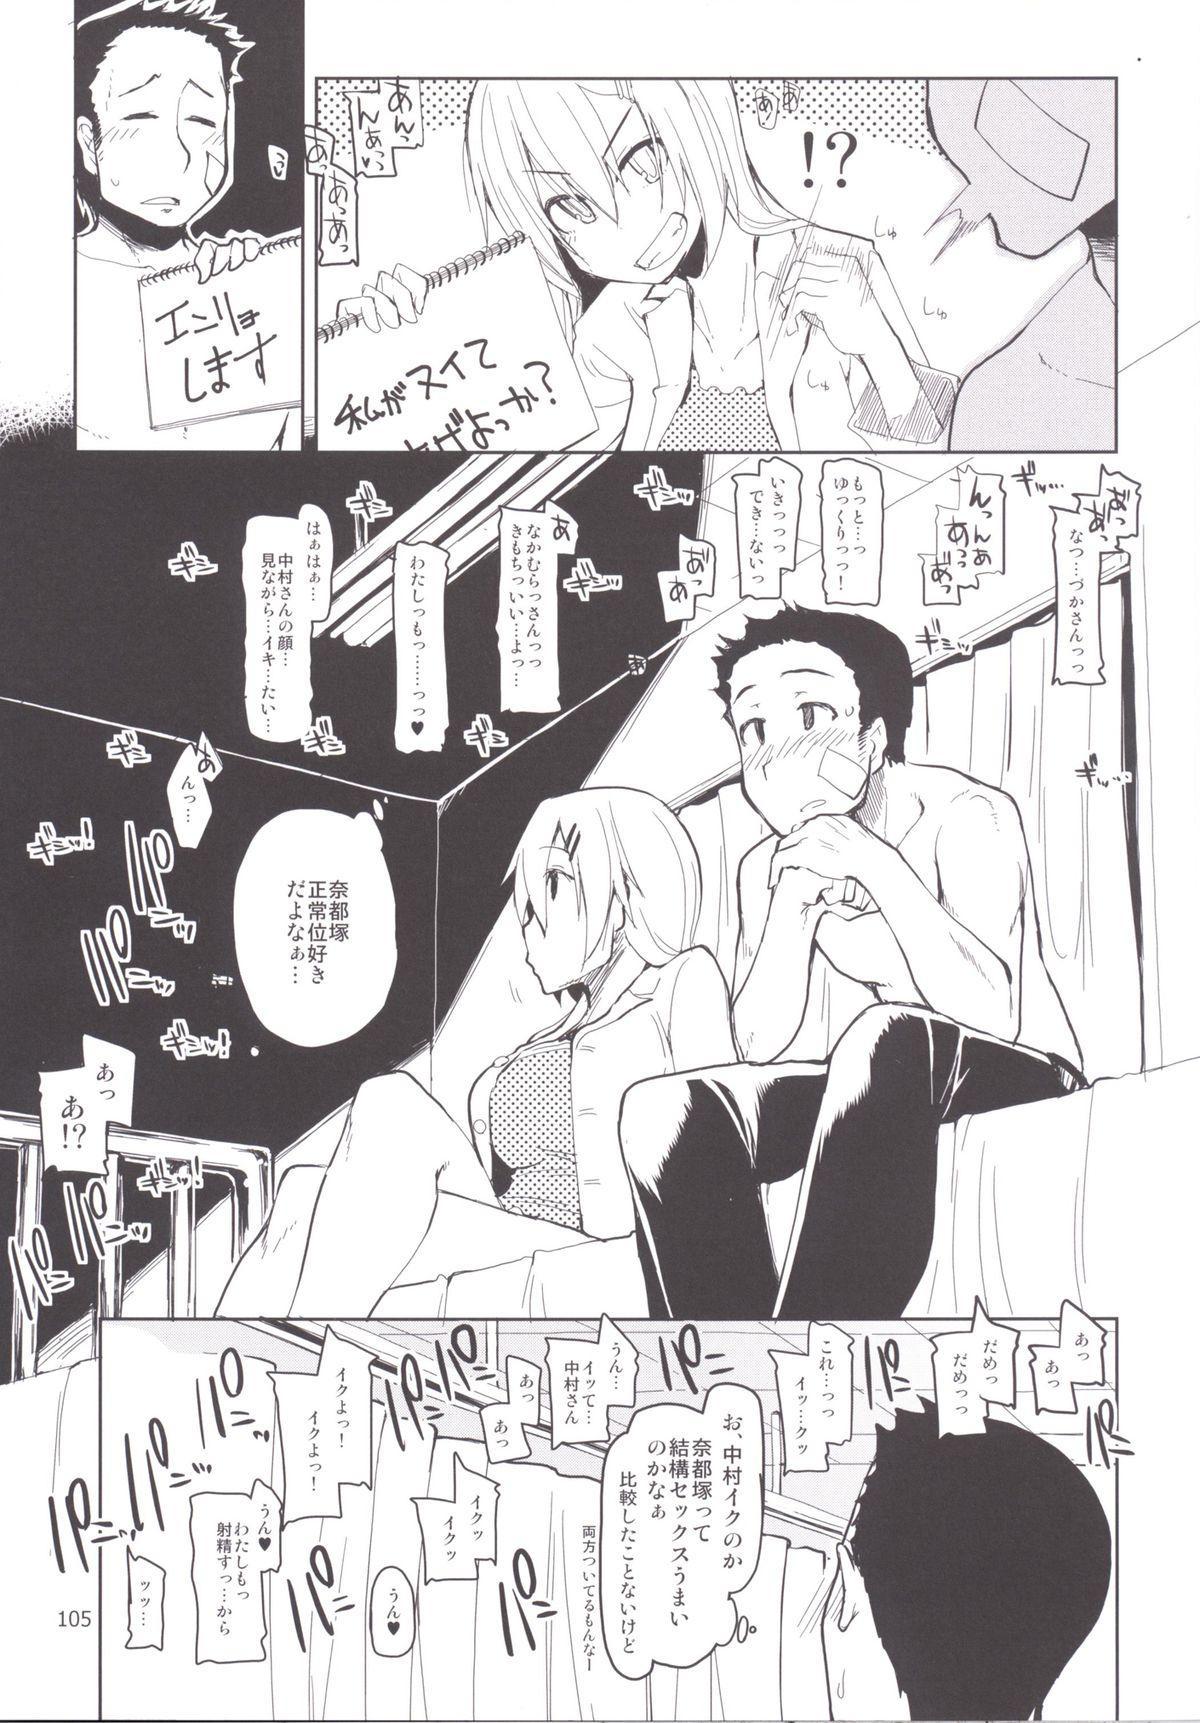 Natsuzuka-san no Himitsu. Soushuuhen Kouhen 8